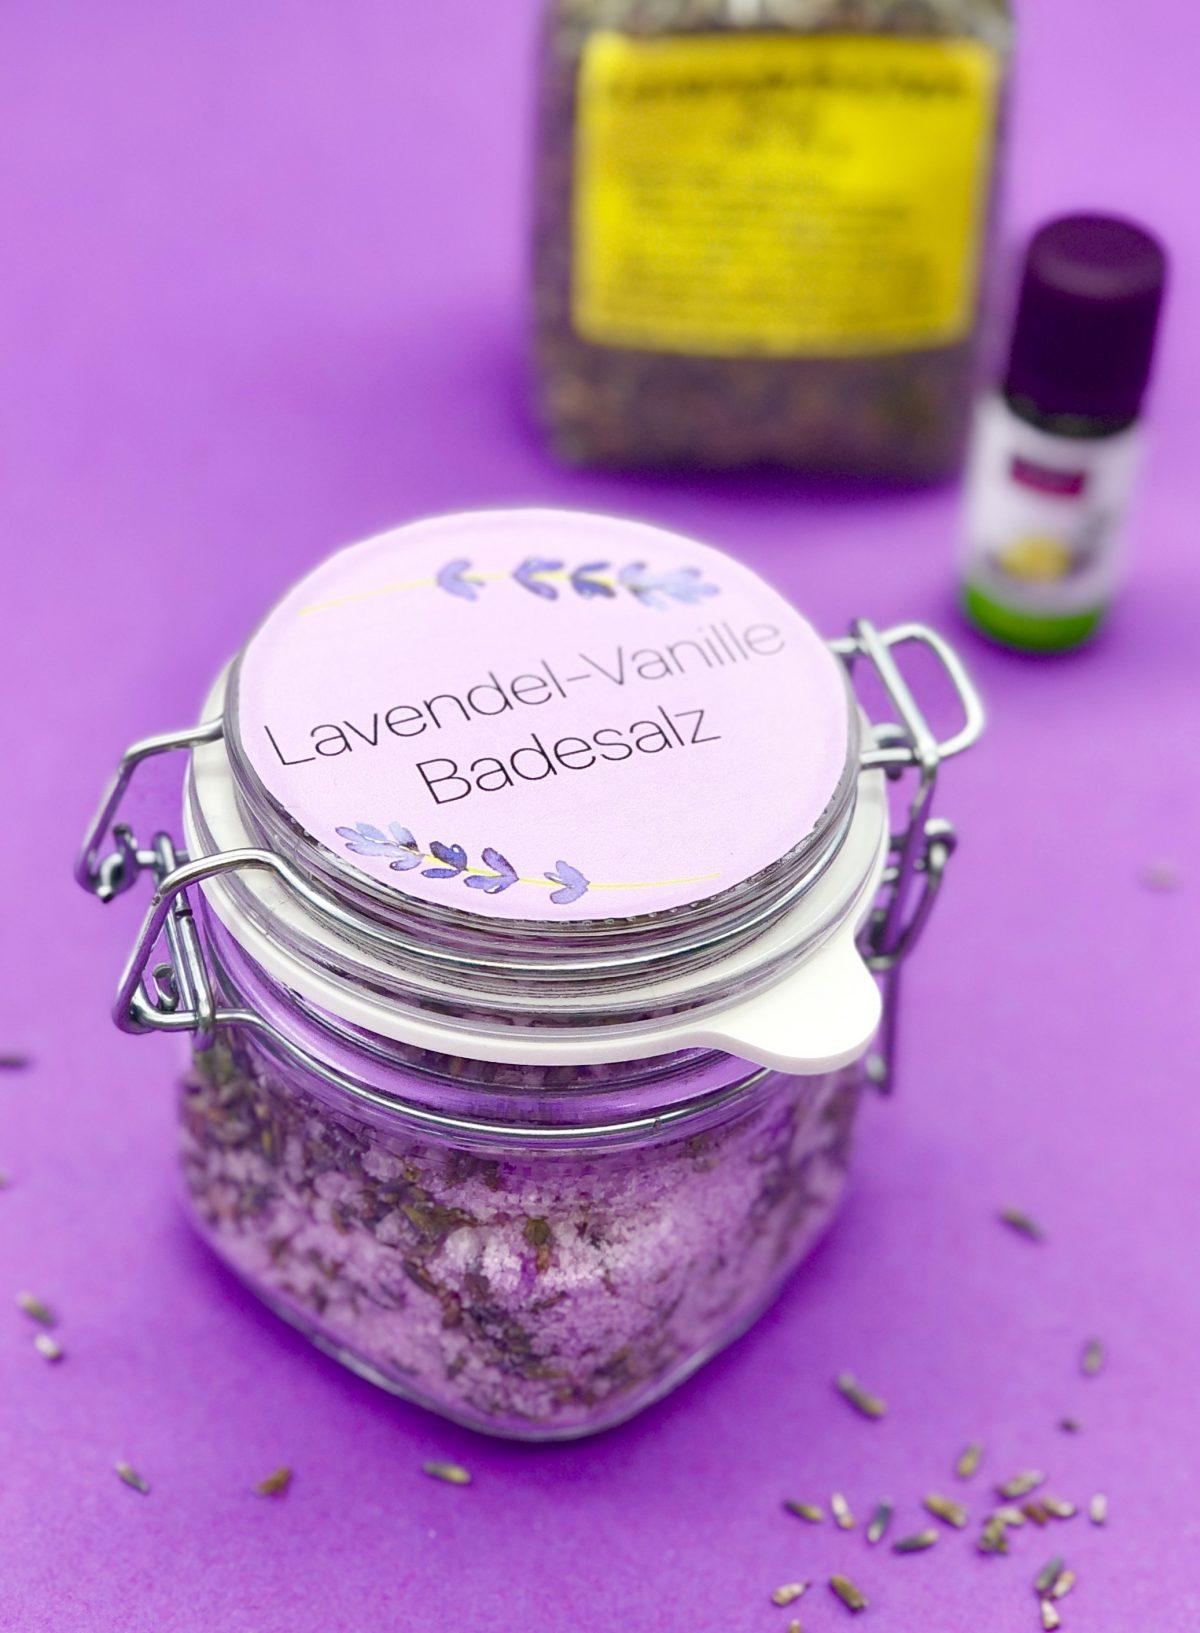 Beliebt Lavendel Badesalz selber machen - Rezept und Anleitung mit Video MZ85